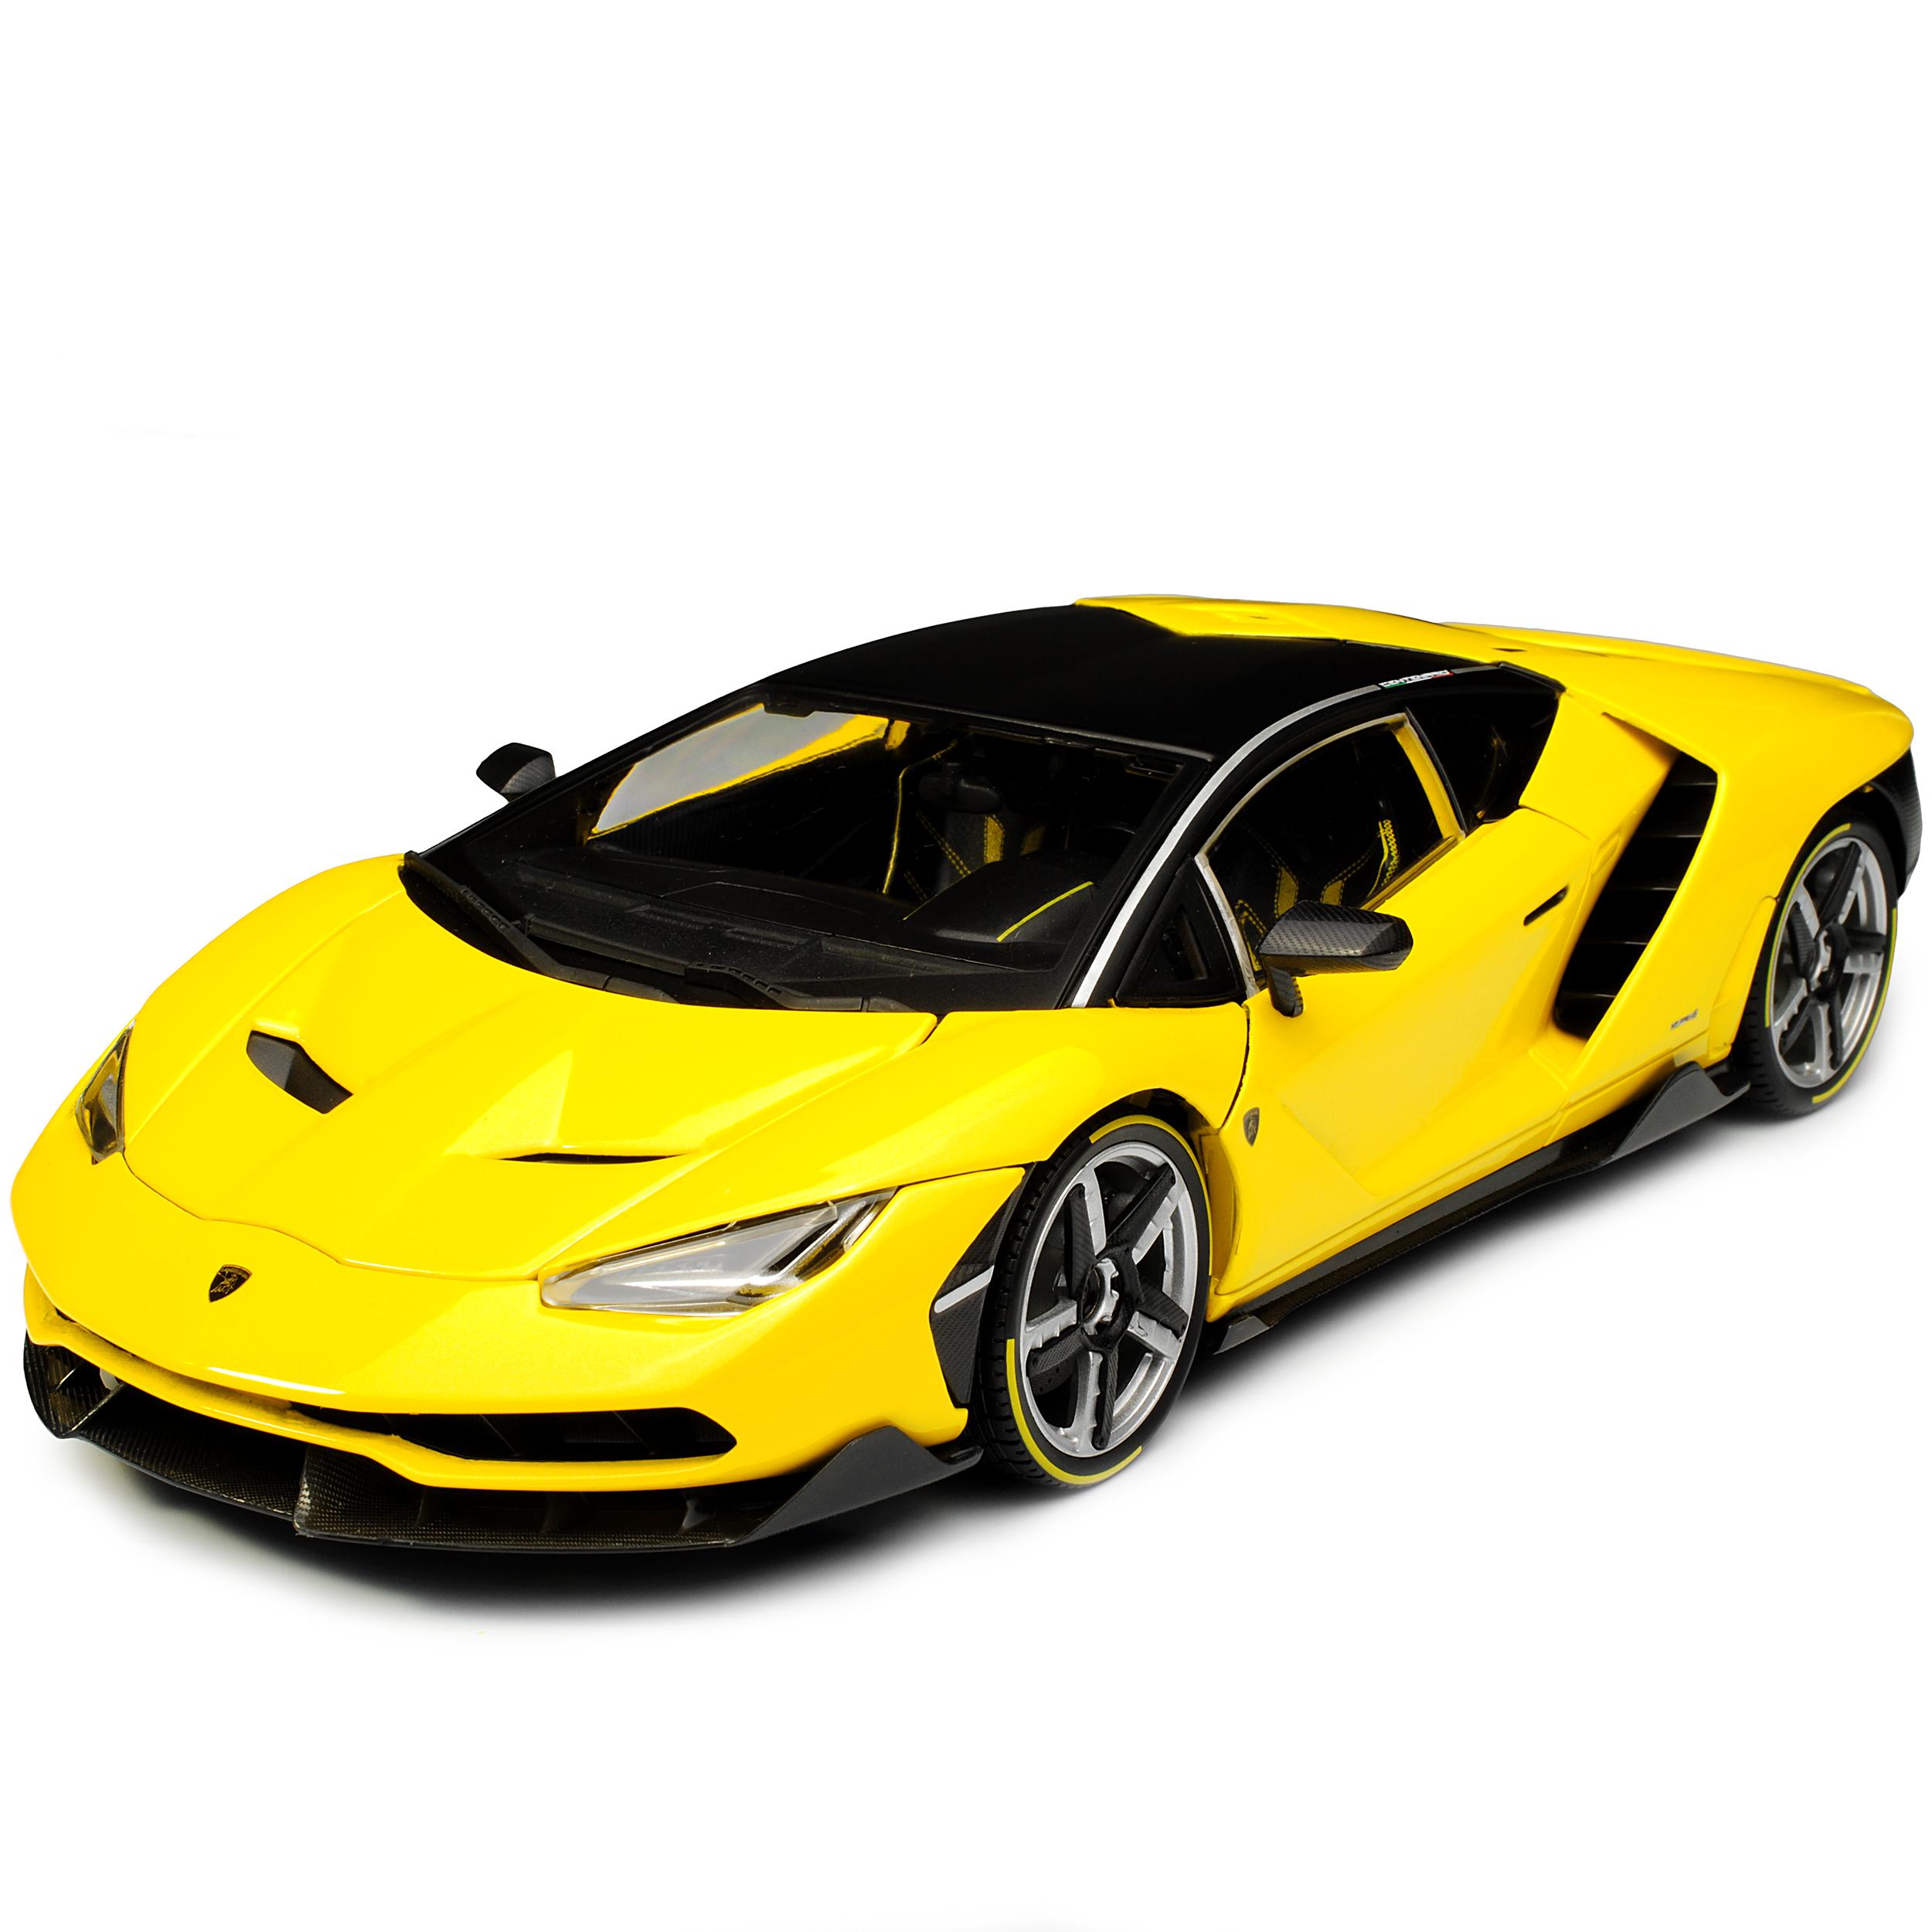 Amarillo Lamborghini Centenario LP770-4 Coupe negro de la la la colección exclusiva de 2016... fd69b5